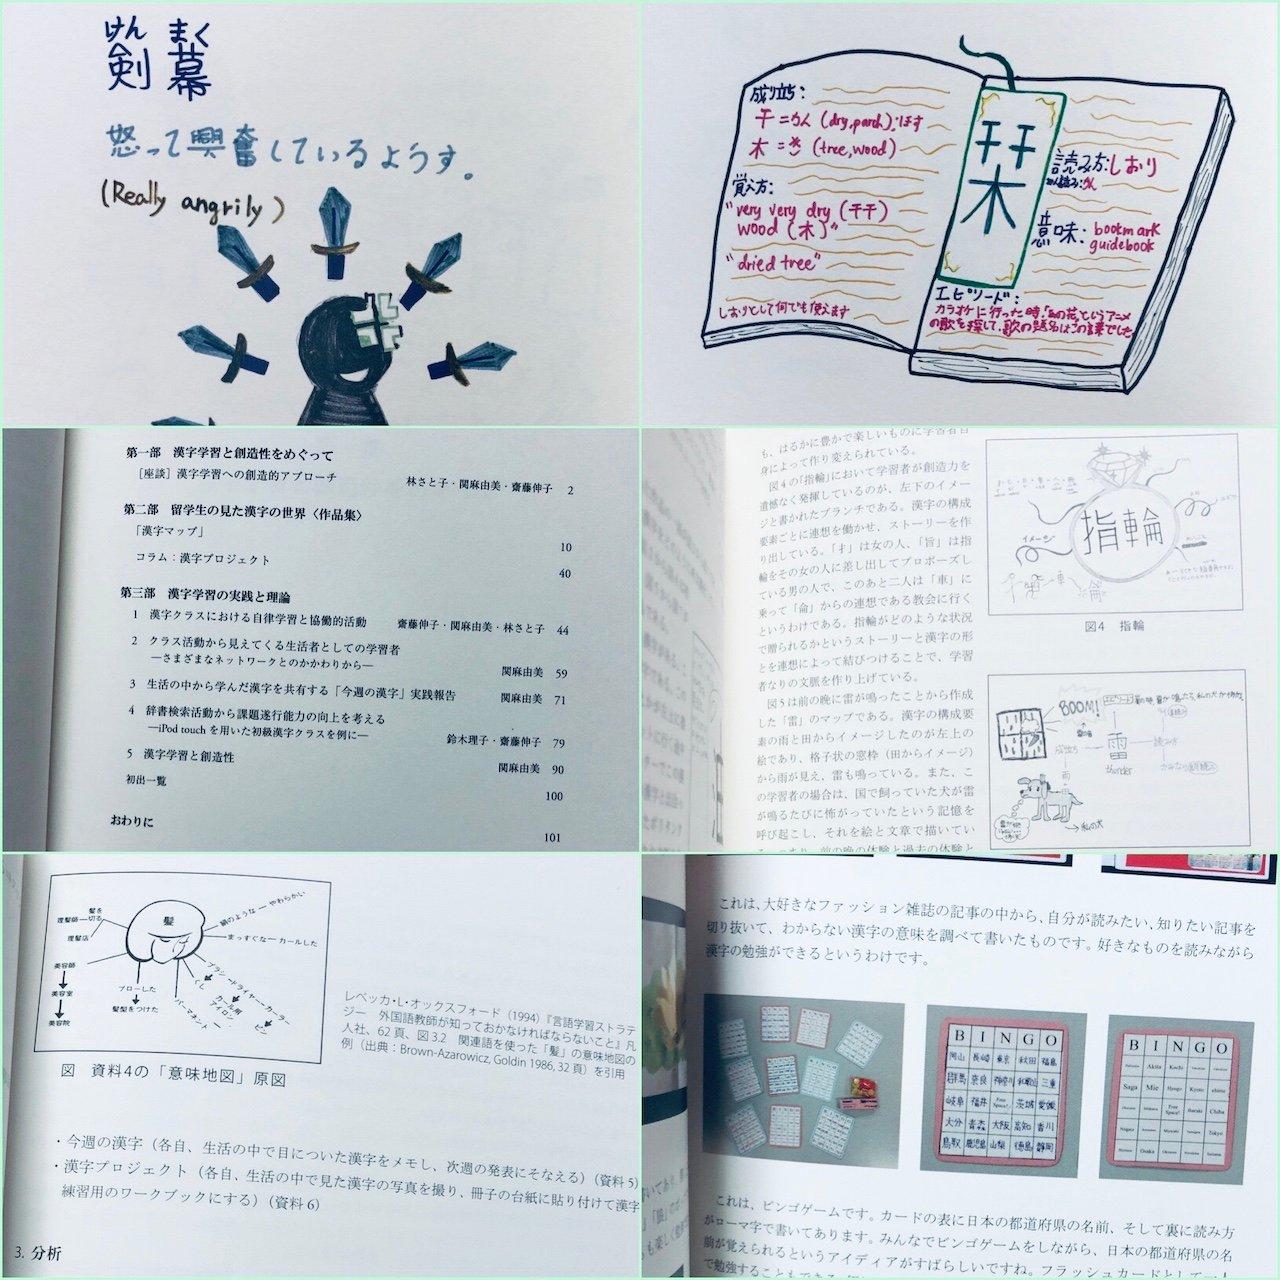 ざっと読んだ。マインドマップを取り入れ。  「ユニークな漢字学習法の理論と実践報告。楽しく学びながら漢字を身に着けていく過程を詳述し、成果(漢字マップ作品)をカラーで紹介」  留学生の見た漢字の世界――漢字学習への創造的アプローチ   林さと子, 関麻由美, 齋藤伸子 https://t.co/TuJFcxUmWt https://t.co/b8JrlbezrS